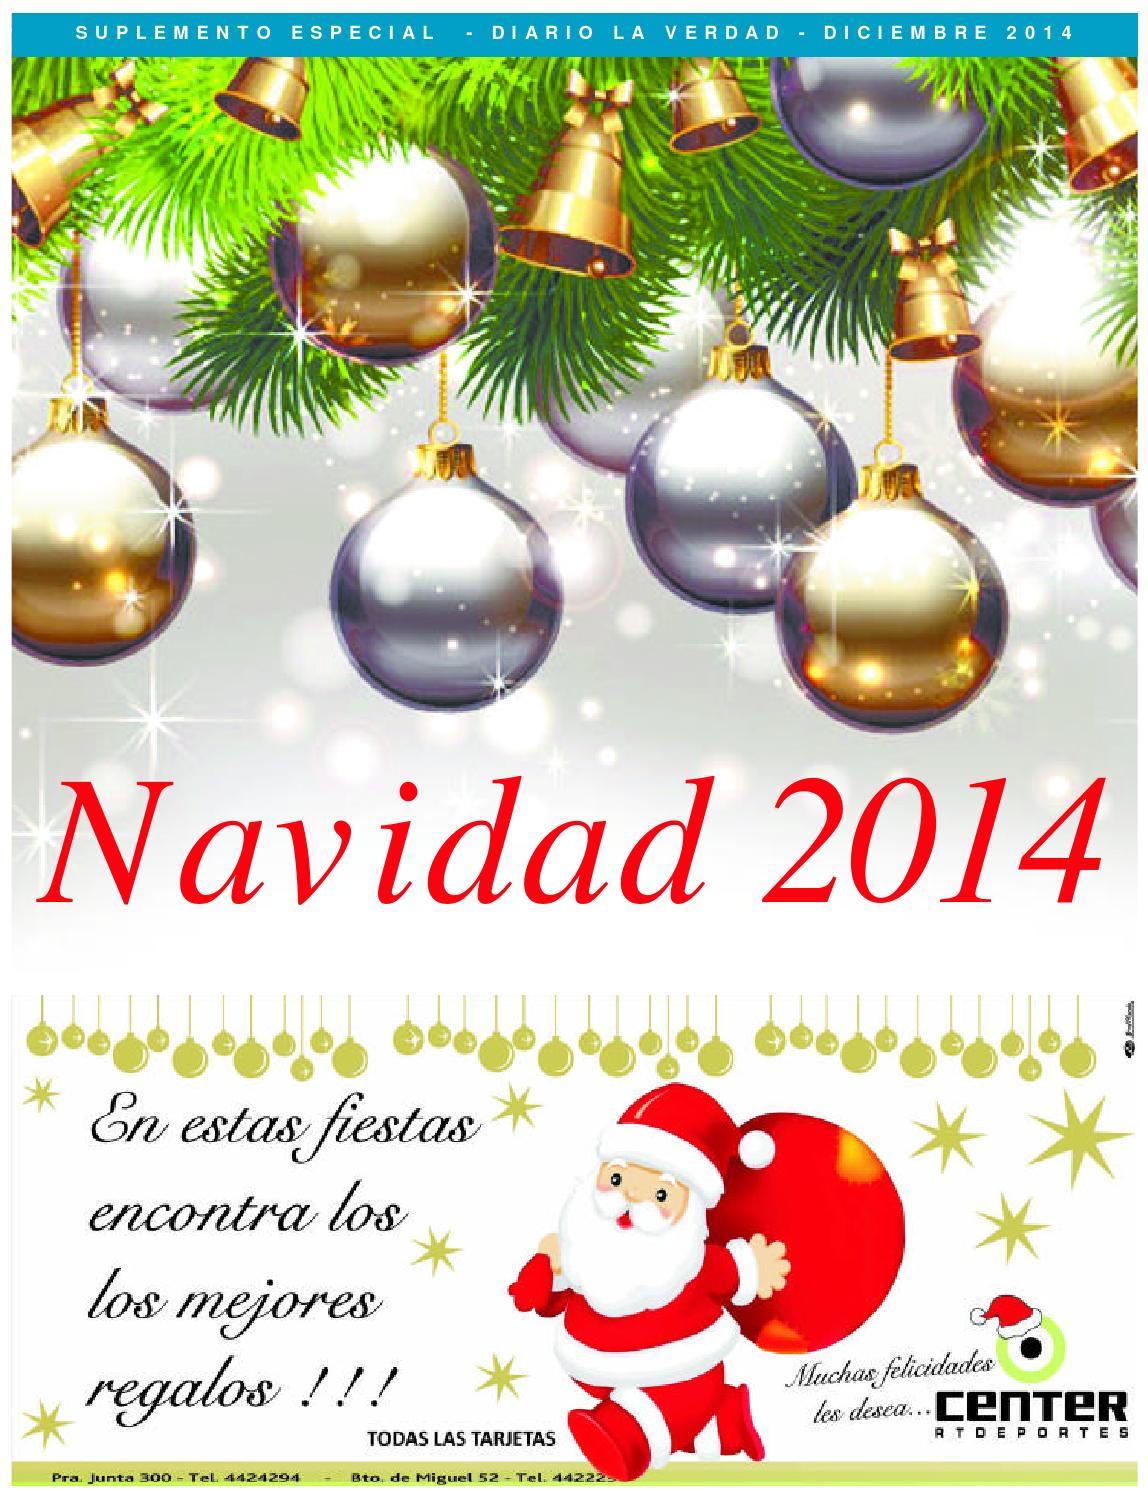 Suplemento de Navidad by Diario La Verdad - issuu